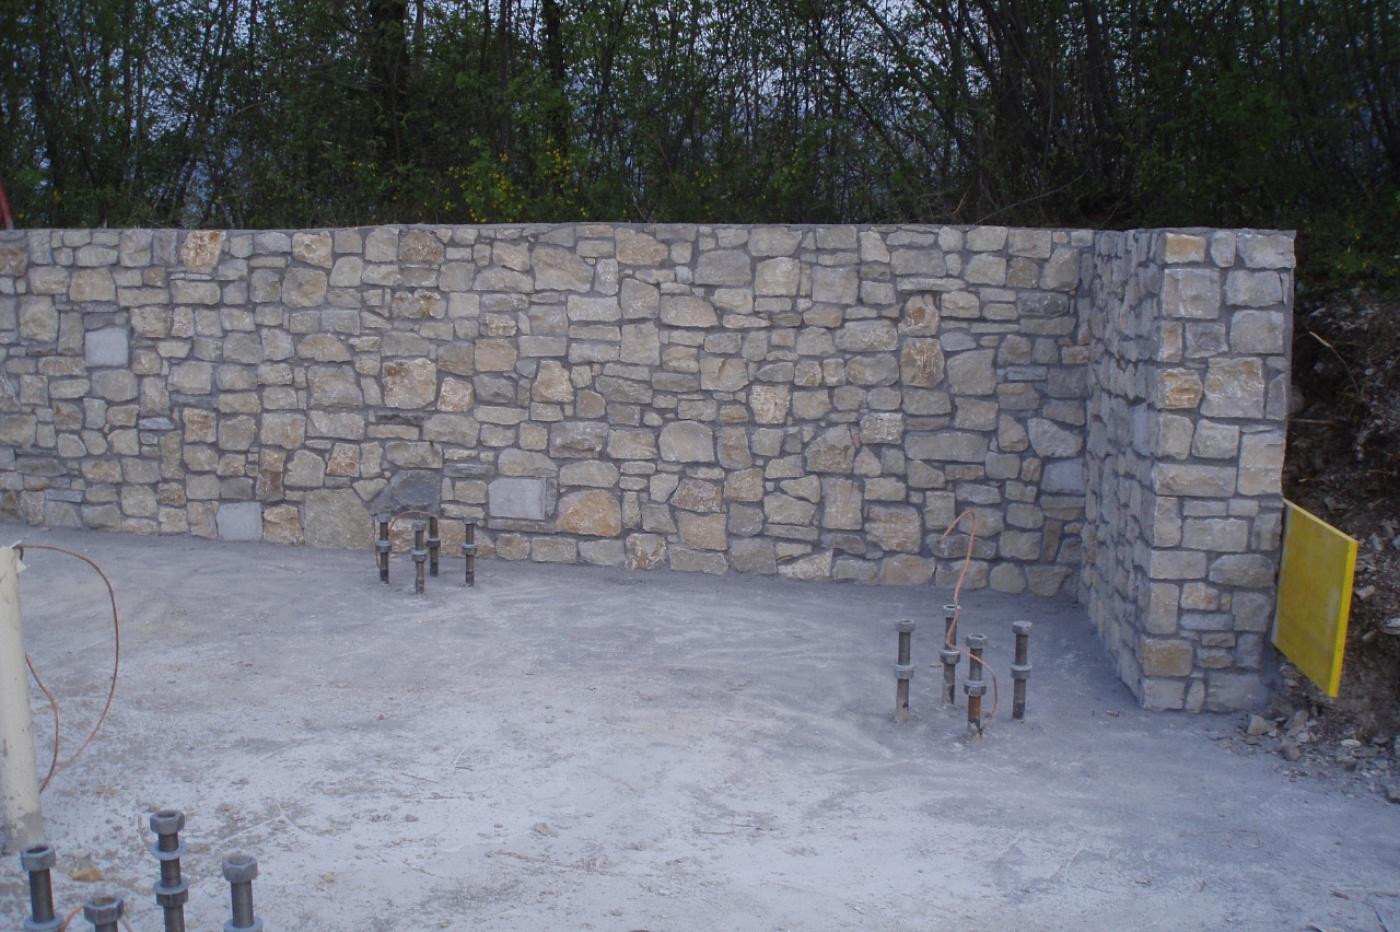 Picaprede di darkin maffi rivestimento muro in sassi - Rivestimenti per esterno in pietra ...